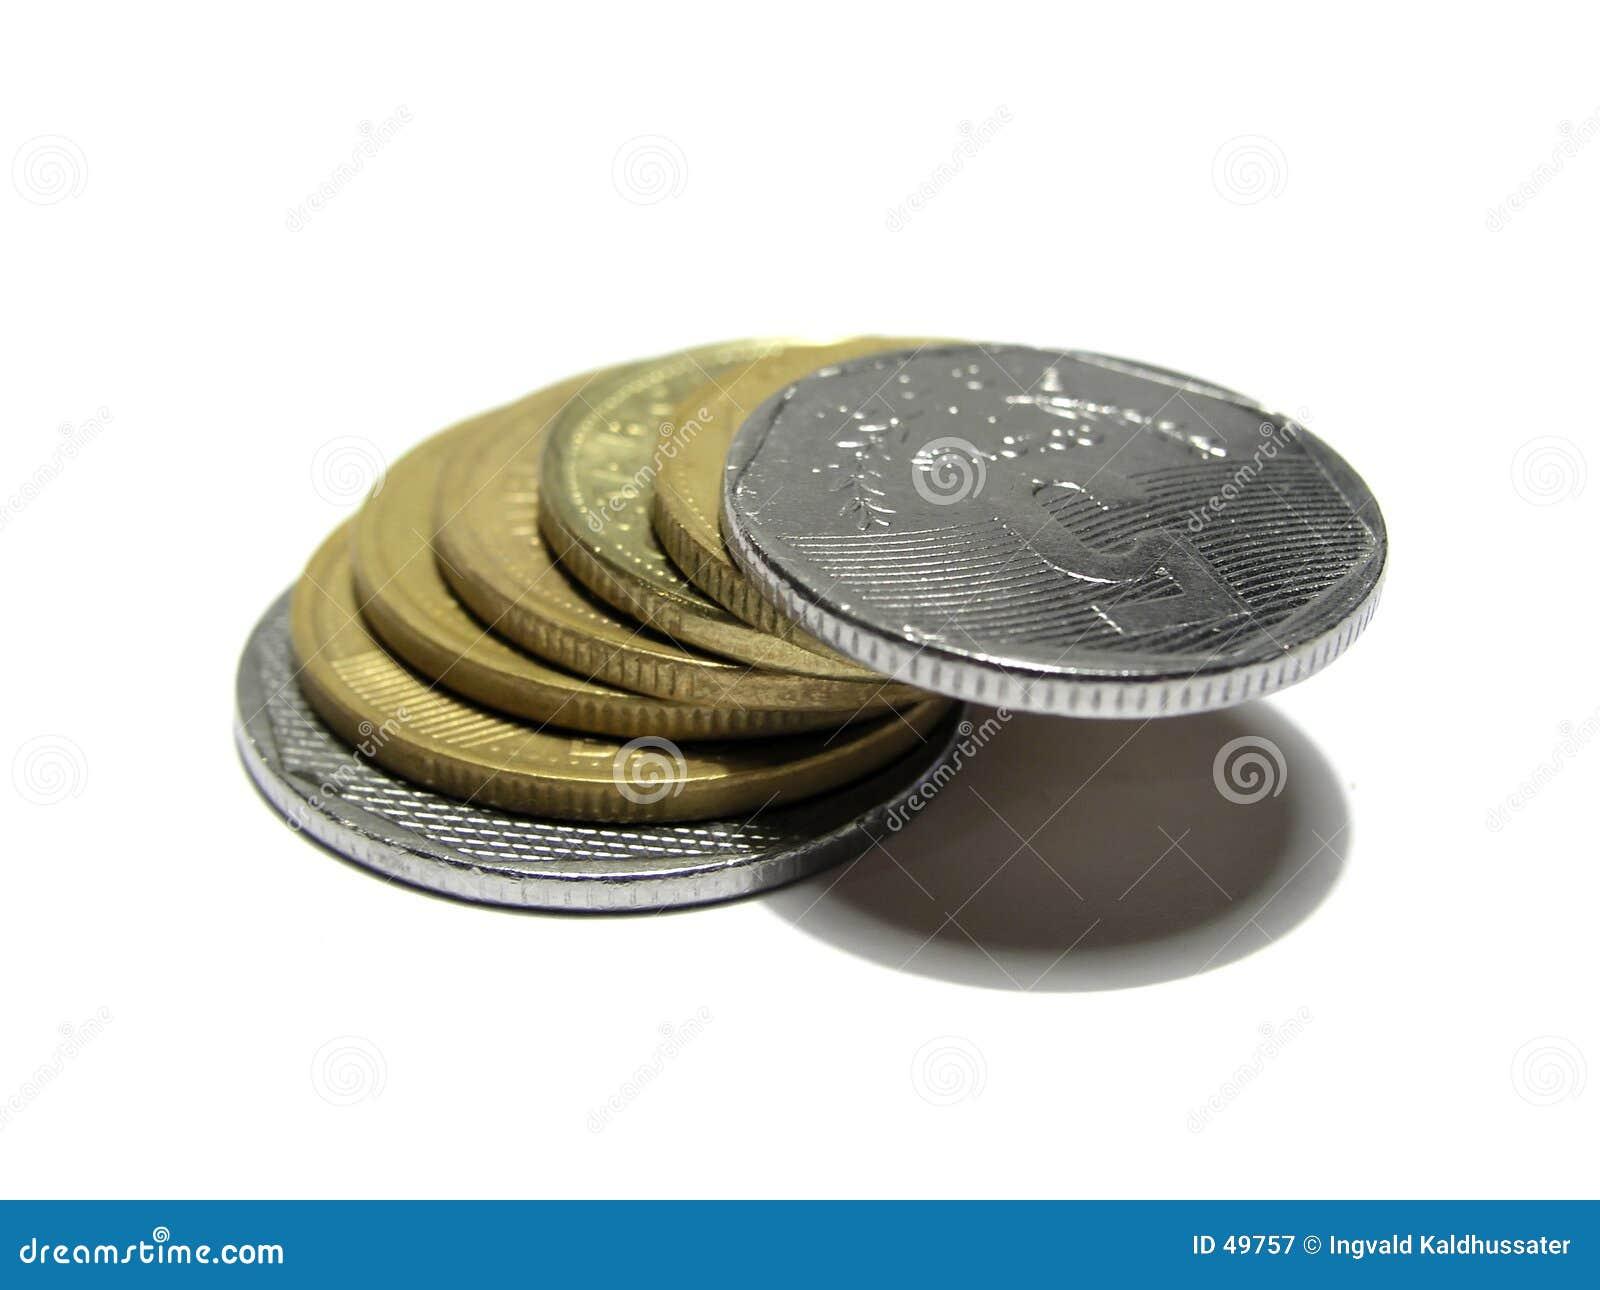 Bridge of coins